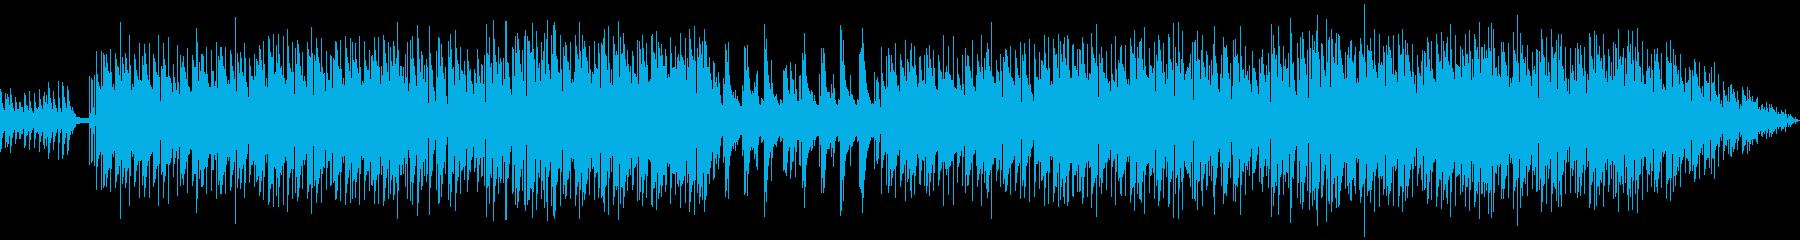 新しい始まりを予感させるインスト曲の再生済みの波形